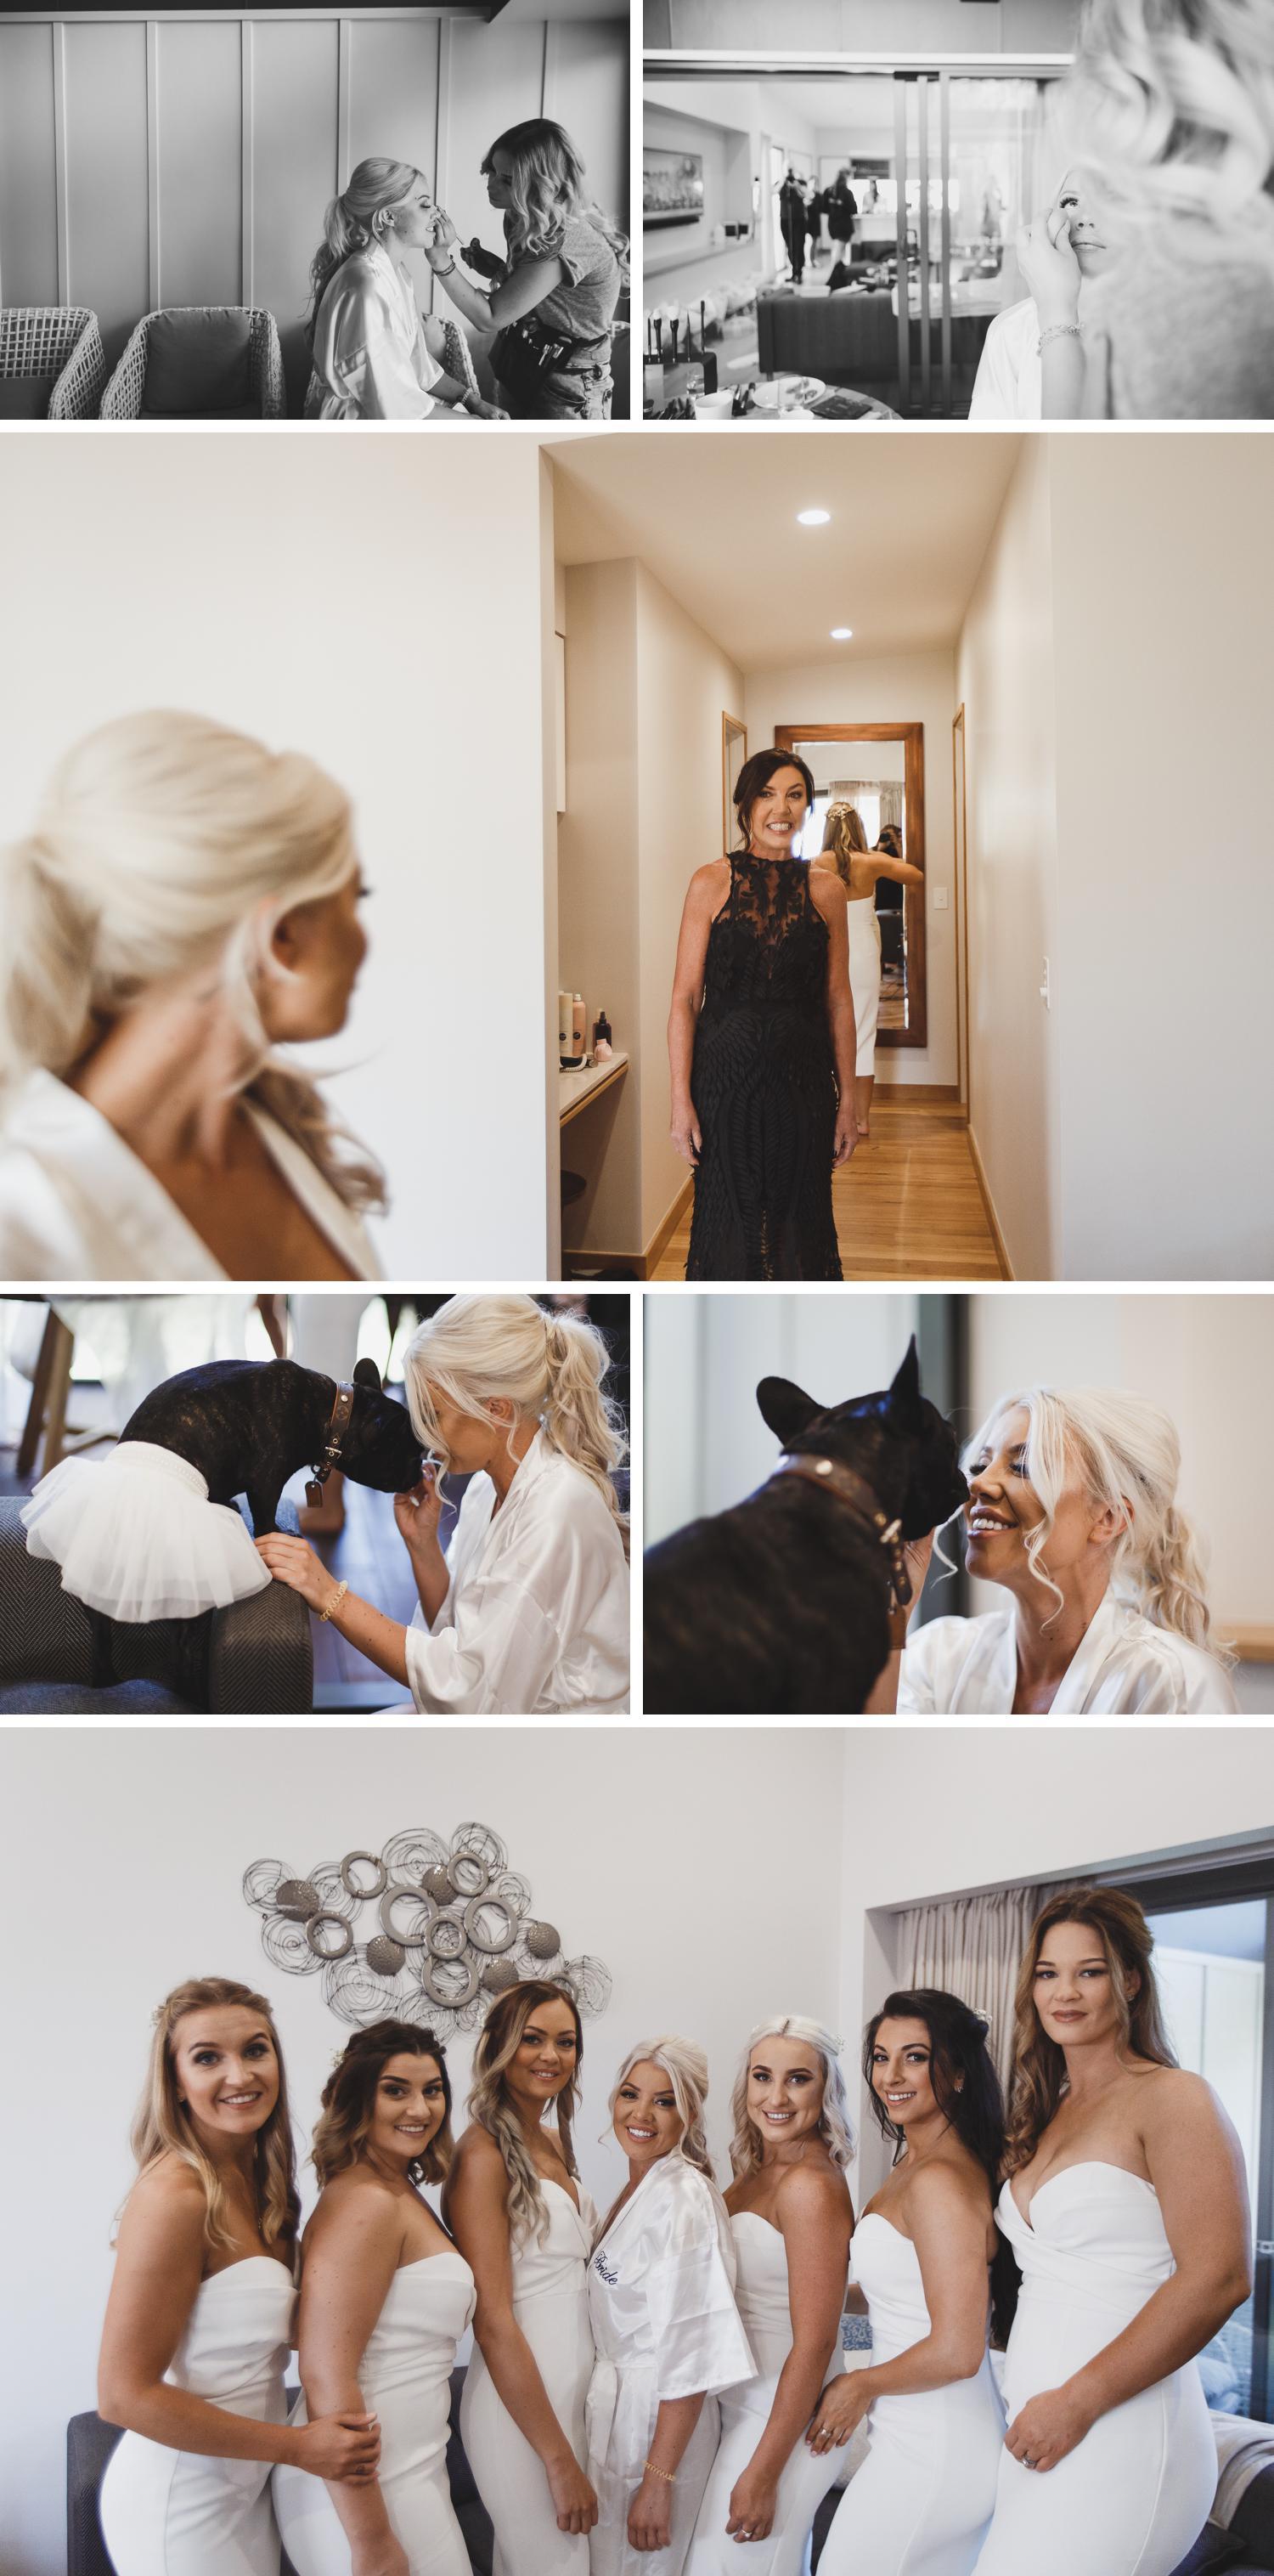 Byron Bay Victoria Wedding Photos, Byron Bay Surf Club Wedding, Bride Getting Ready Wedding Photos by Danae Studios